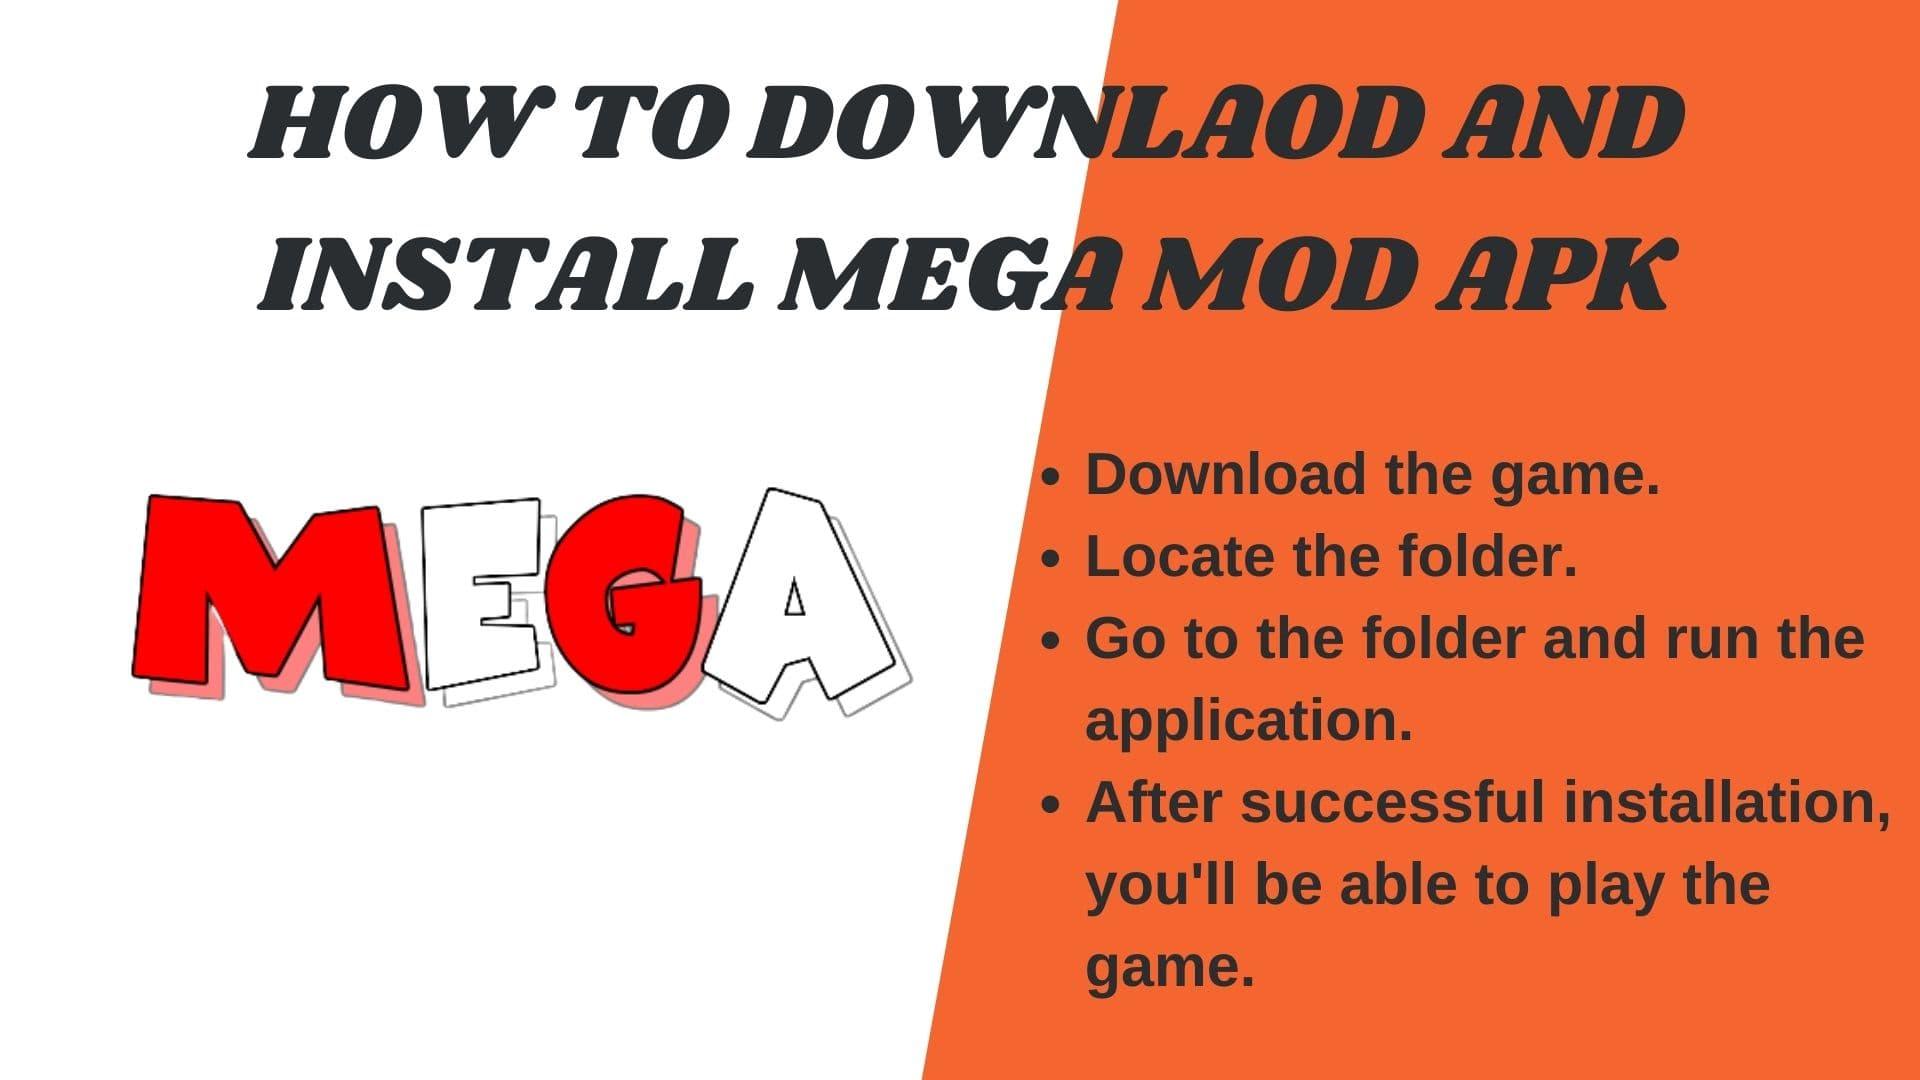 How to Downlaod ANd install Mega Mod APK